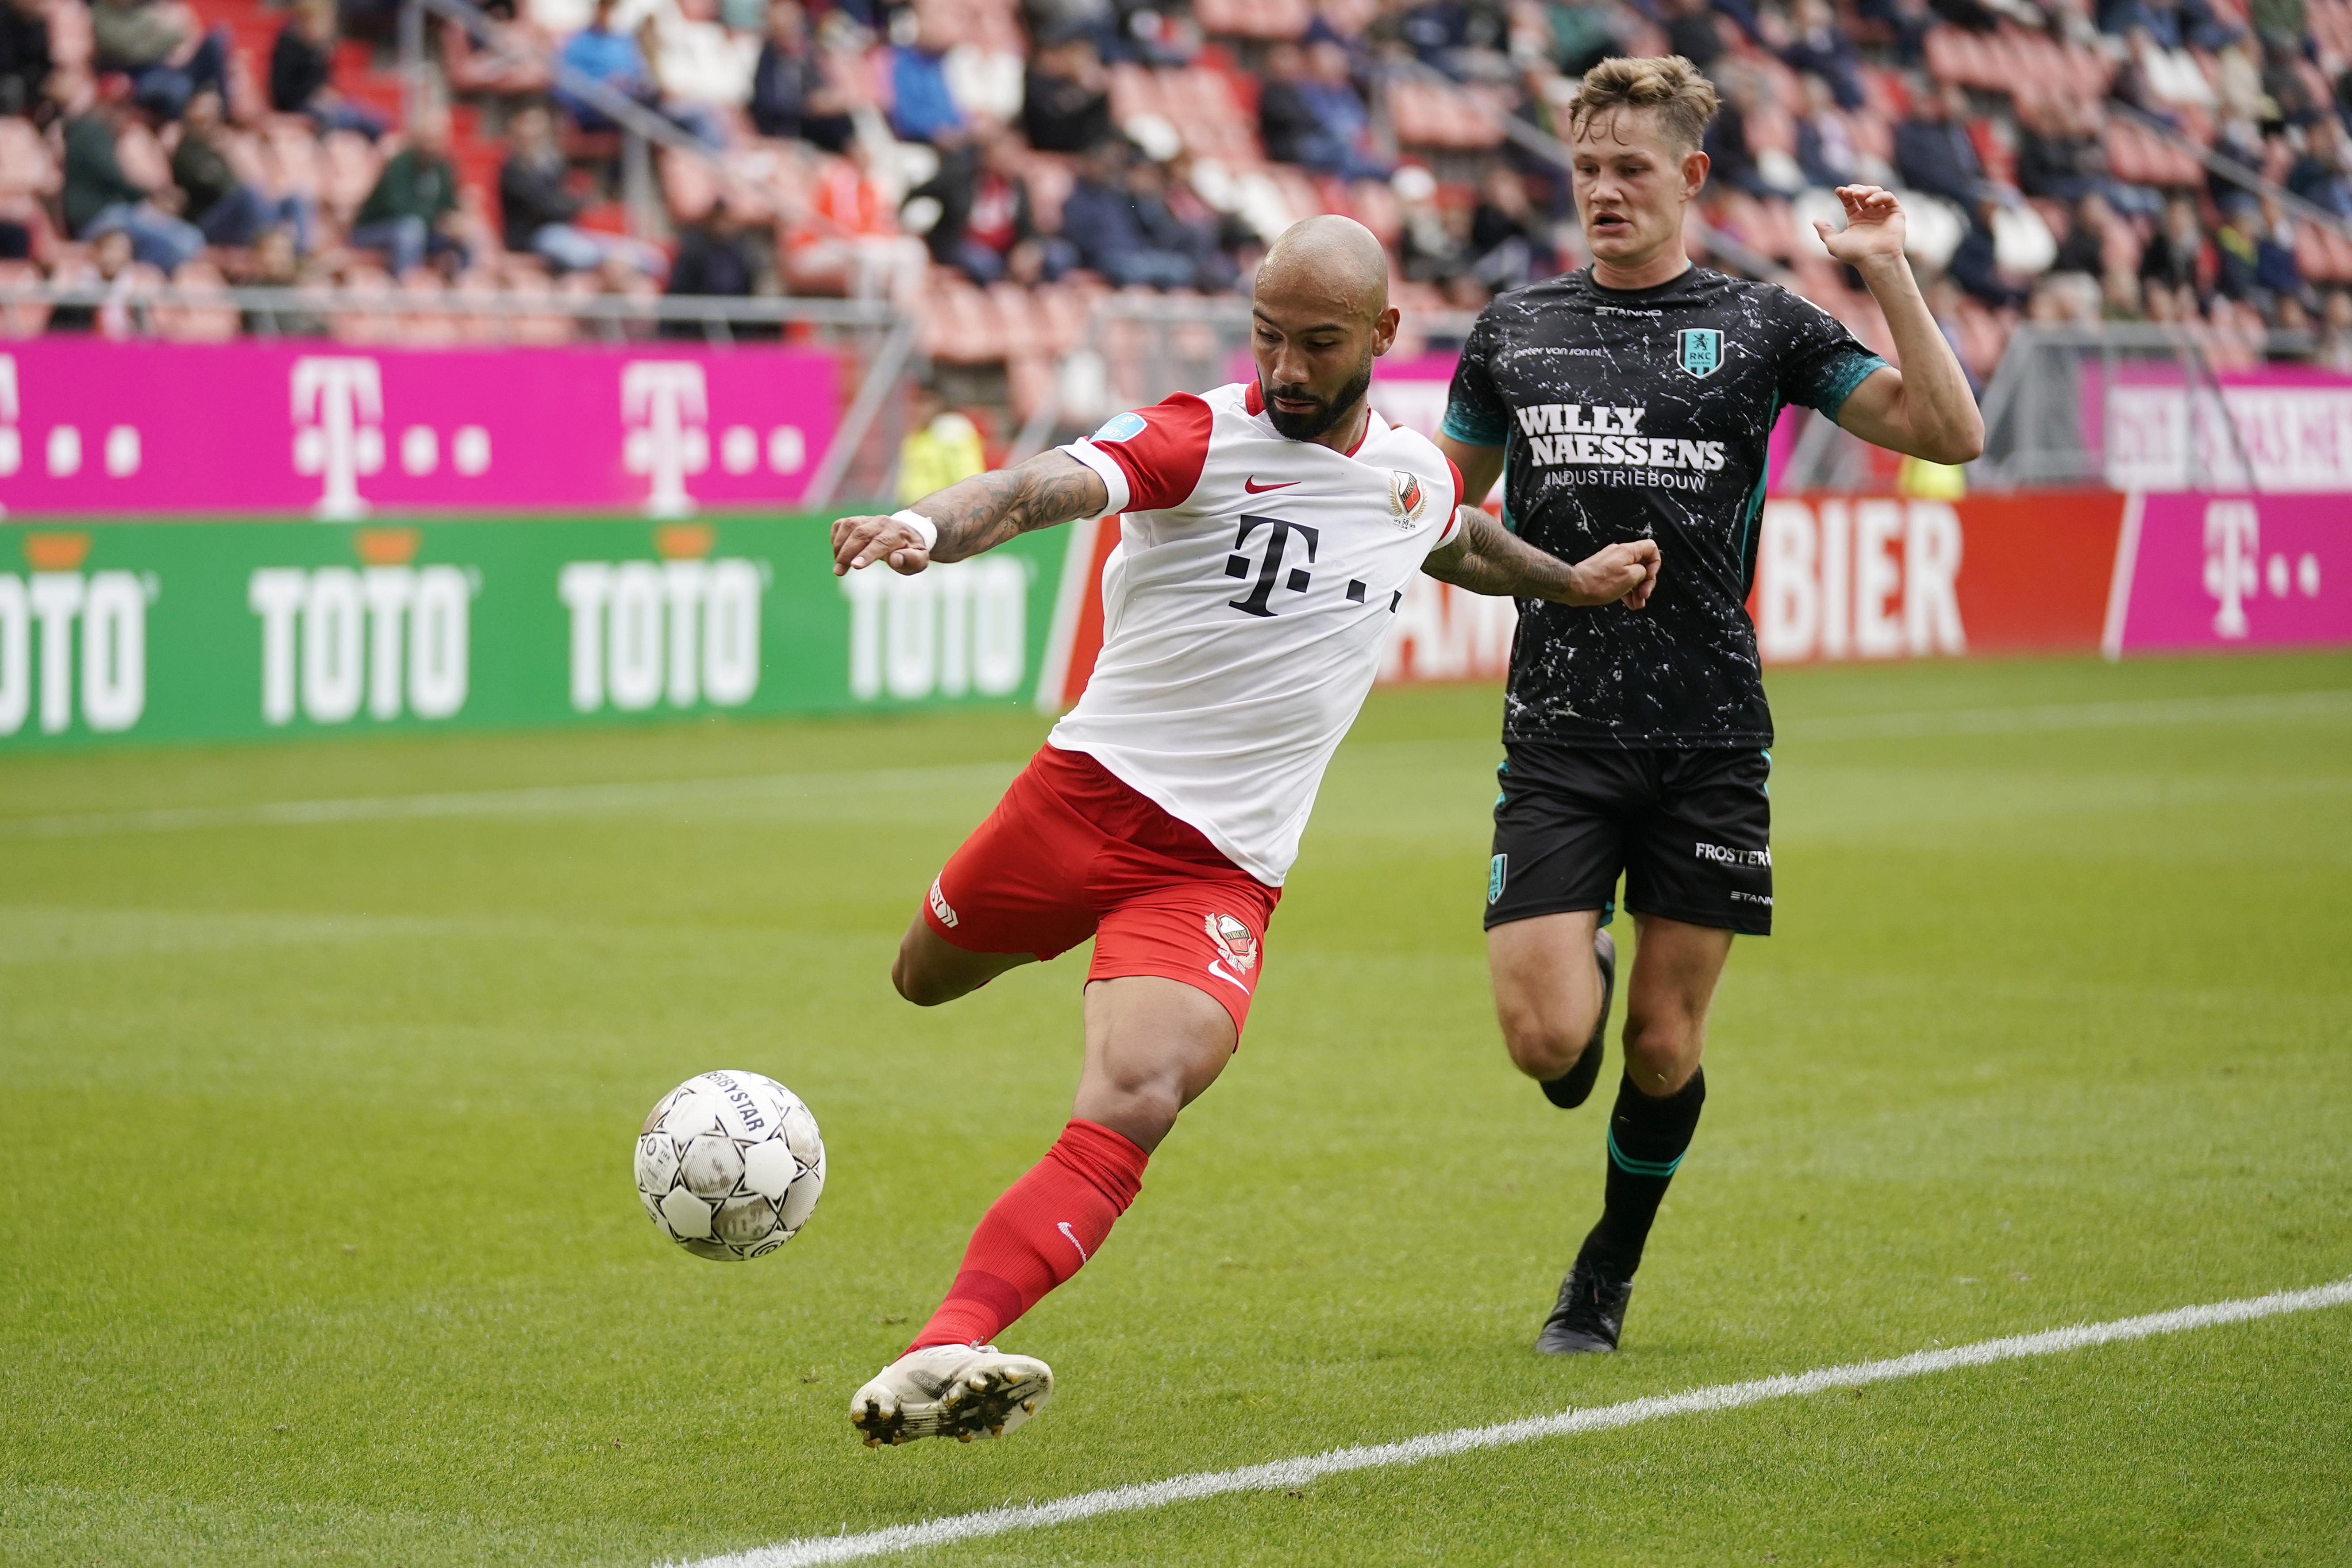 Utrechter Sean Klaiber moet bij Ajax scepsis overwinnen, vanwege hoge transfersom en na 'foute' opmerking twee jaar terug